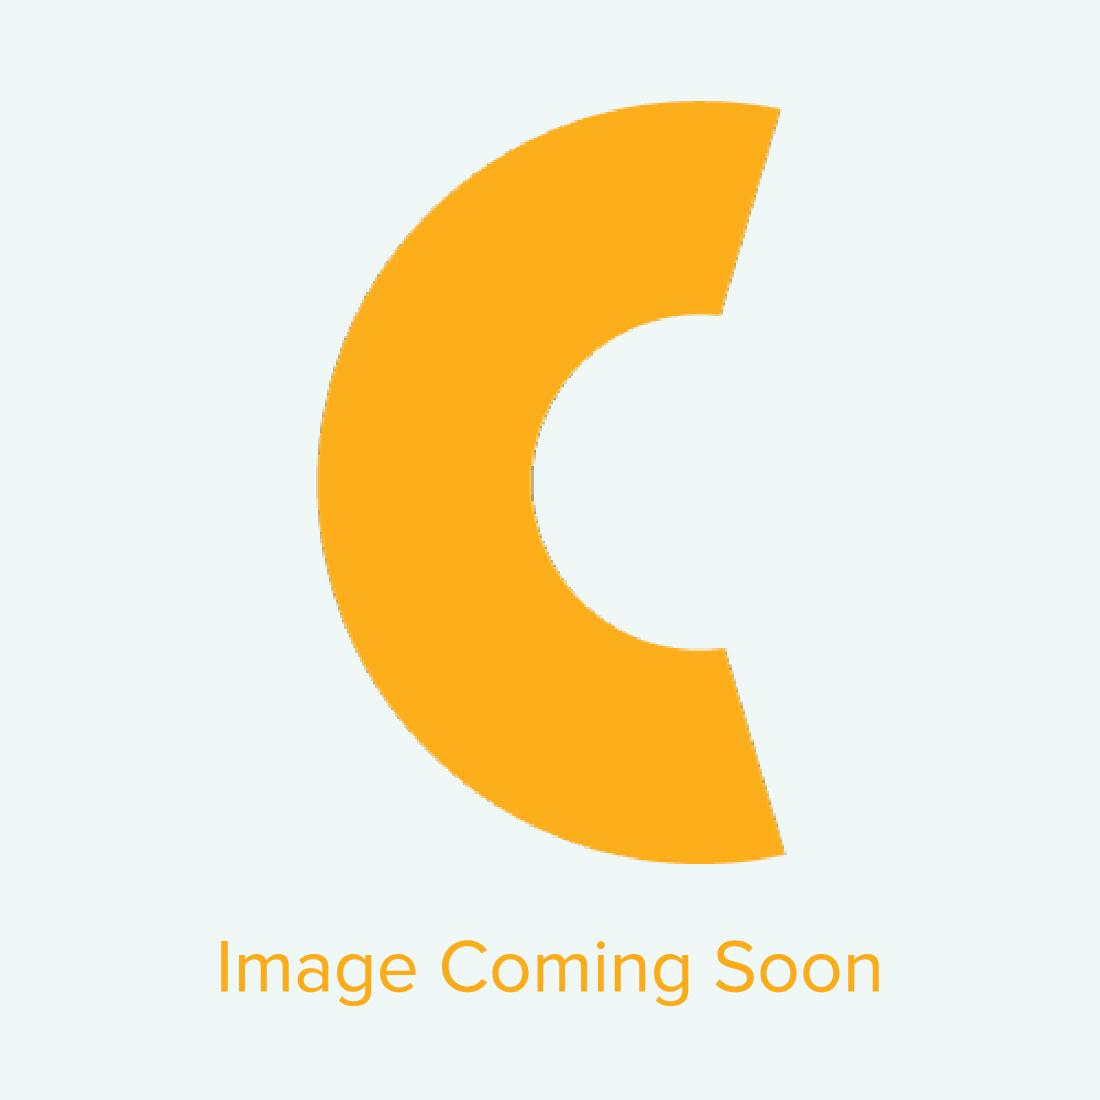 """MAXX Digital Clamshell Heat Press Machine - 11"""" x 15"""""""